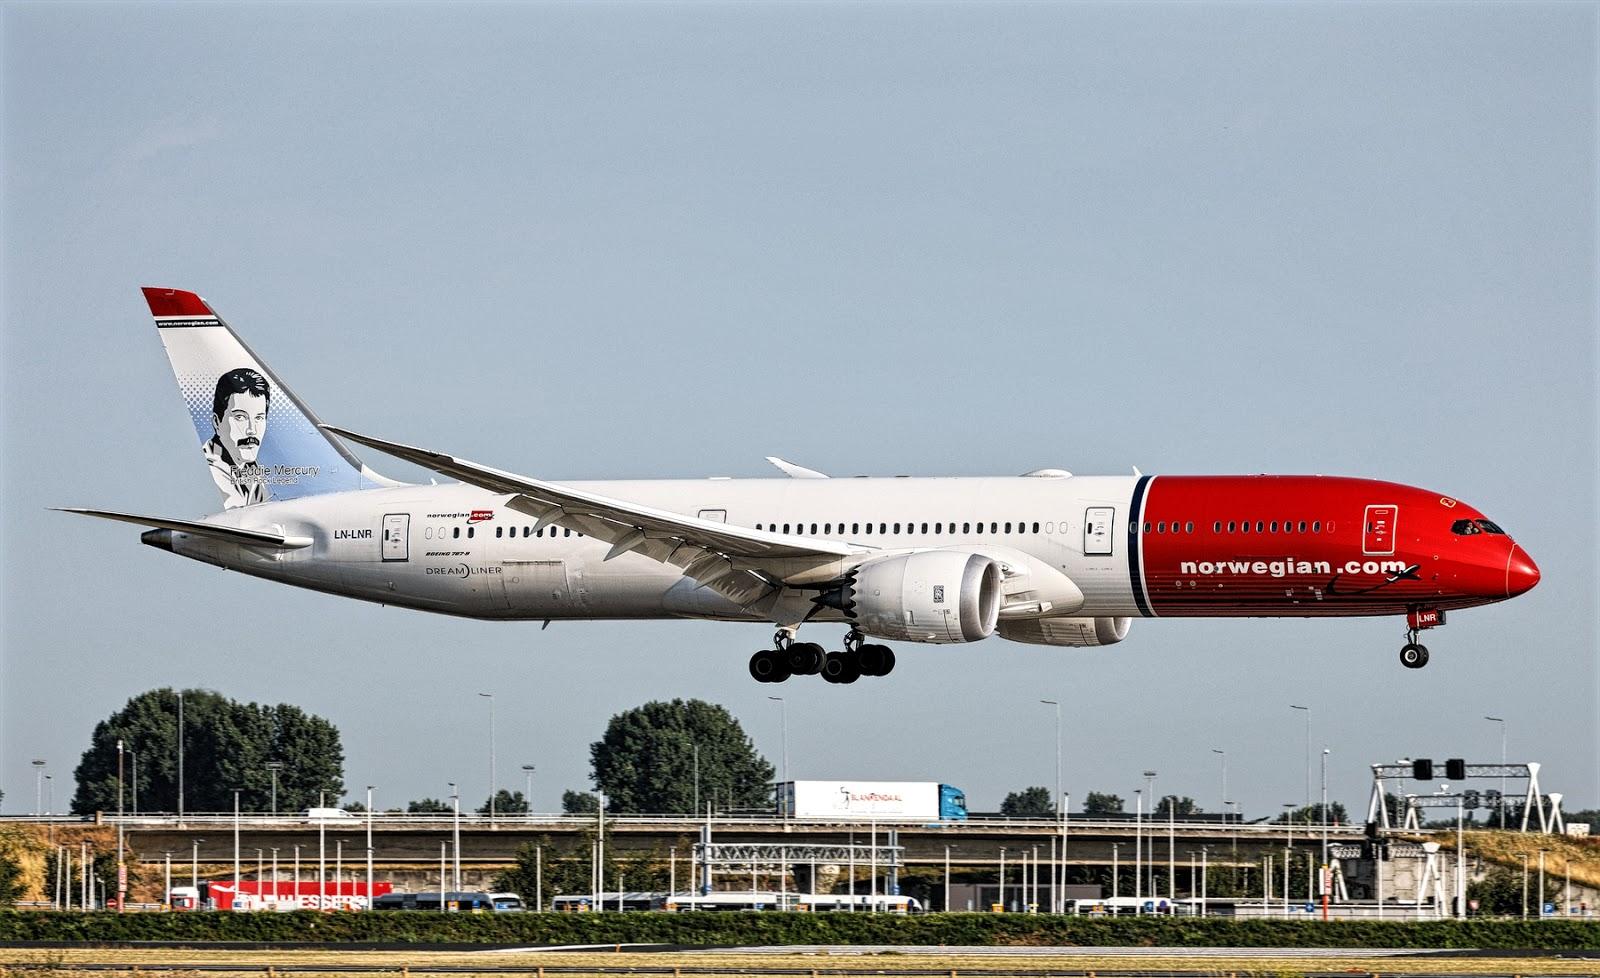 Boeing 787-9 Dreamliner of norwegian air